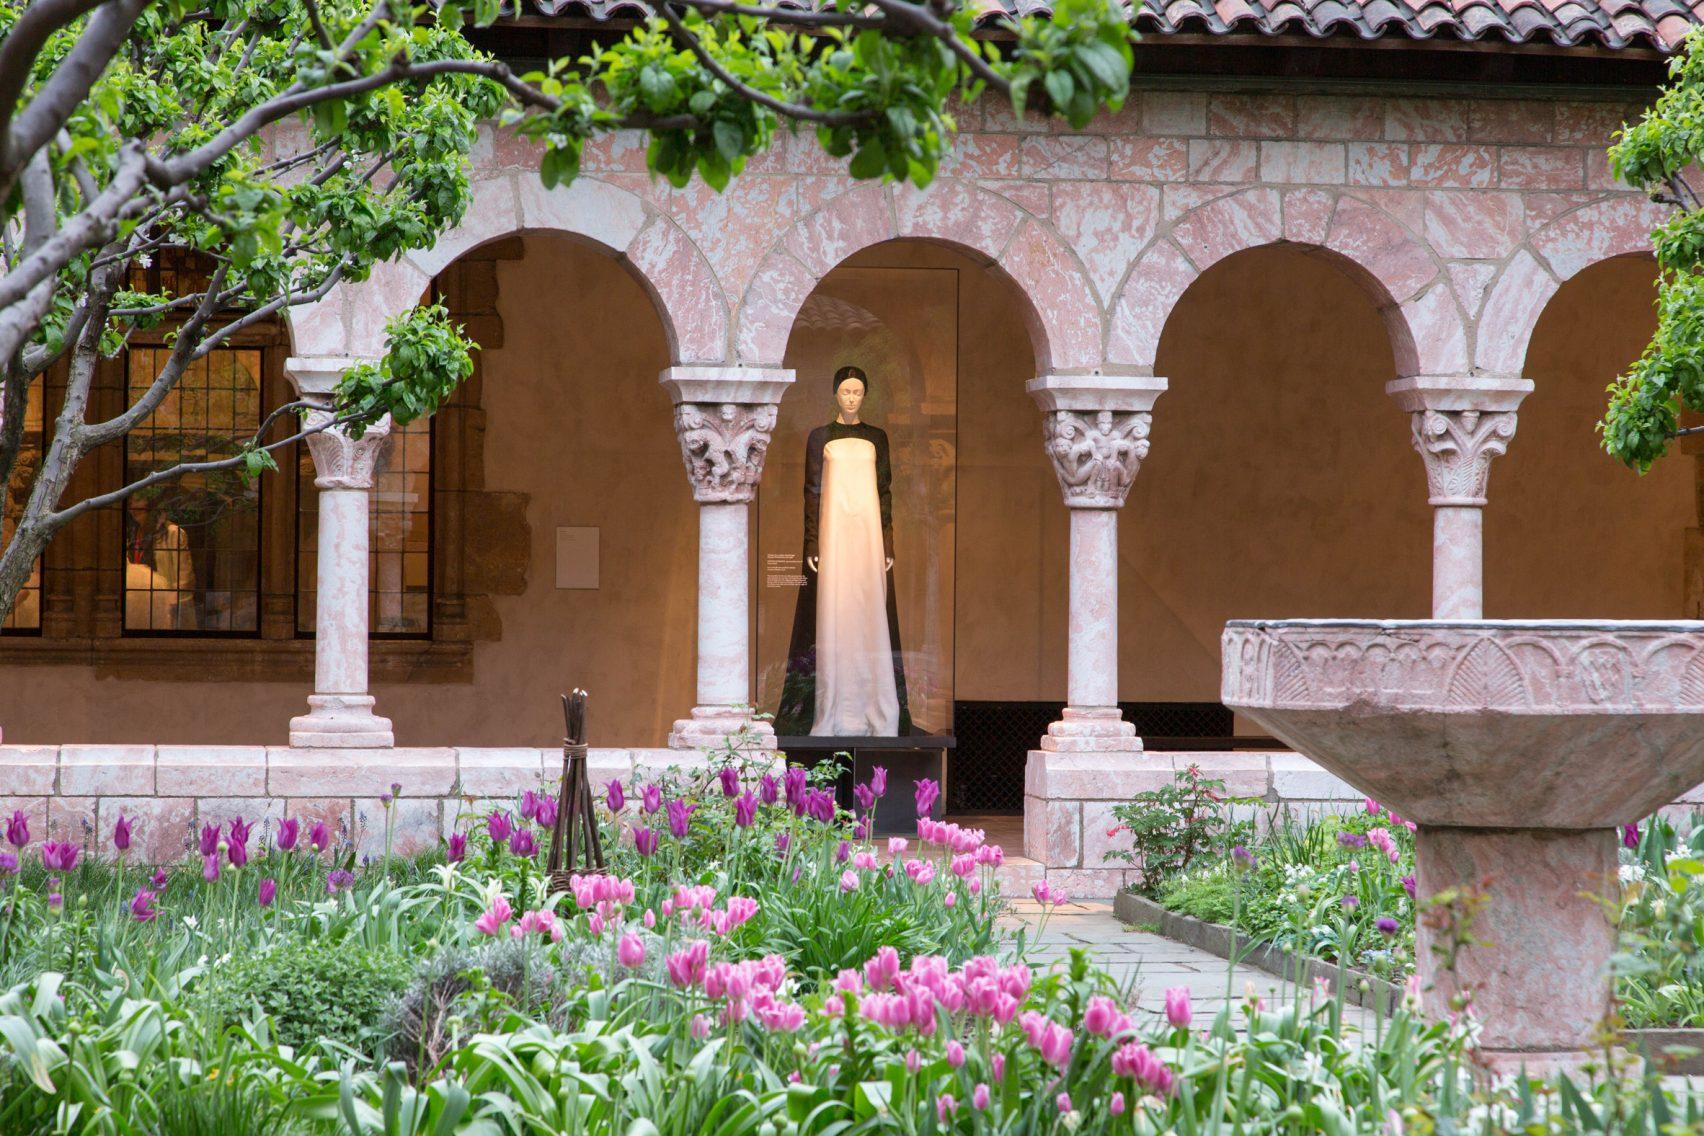 heavenly-bodies-the-met-cloisters-exhibit-new-york-city-usa_dezeen_2364_col_7-1704x1136.jpg